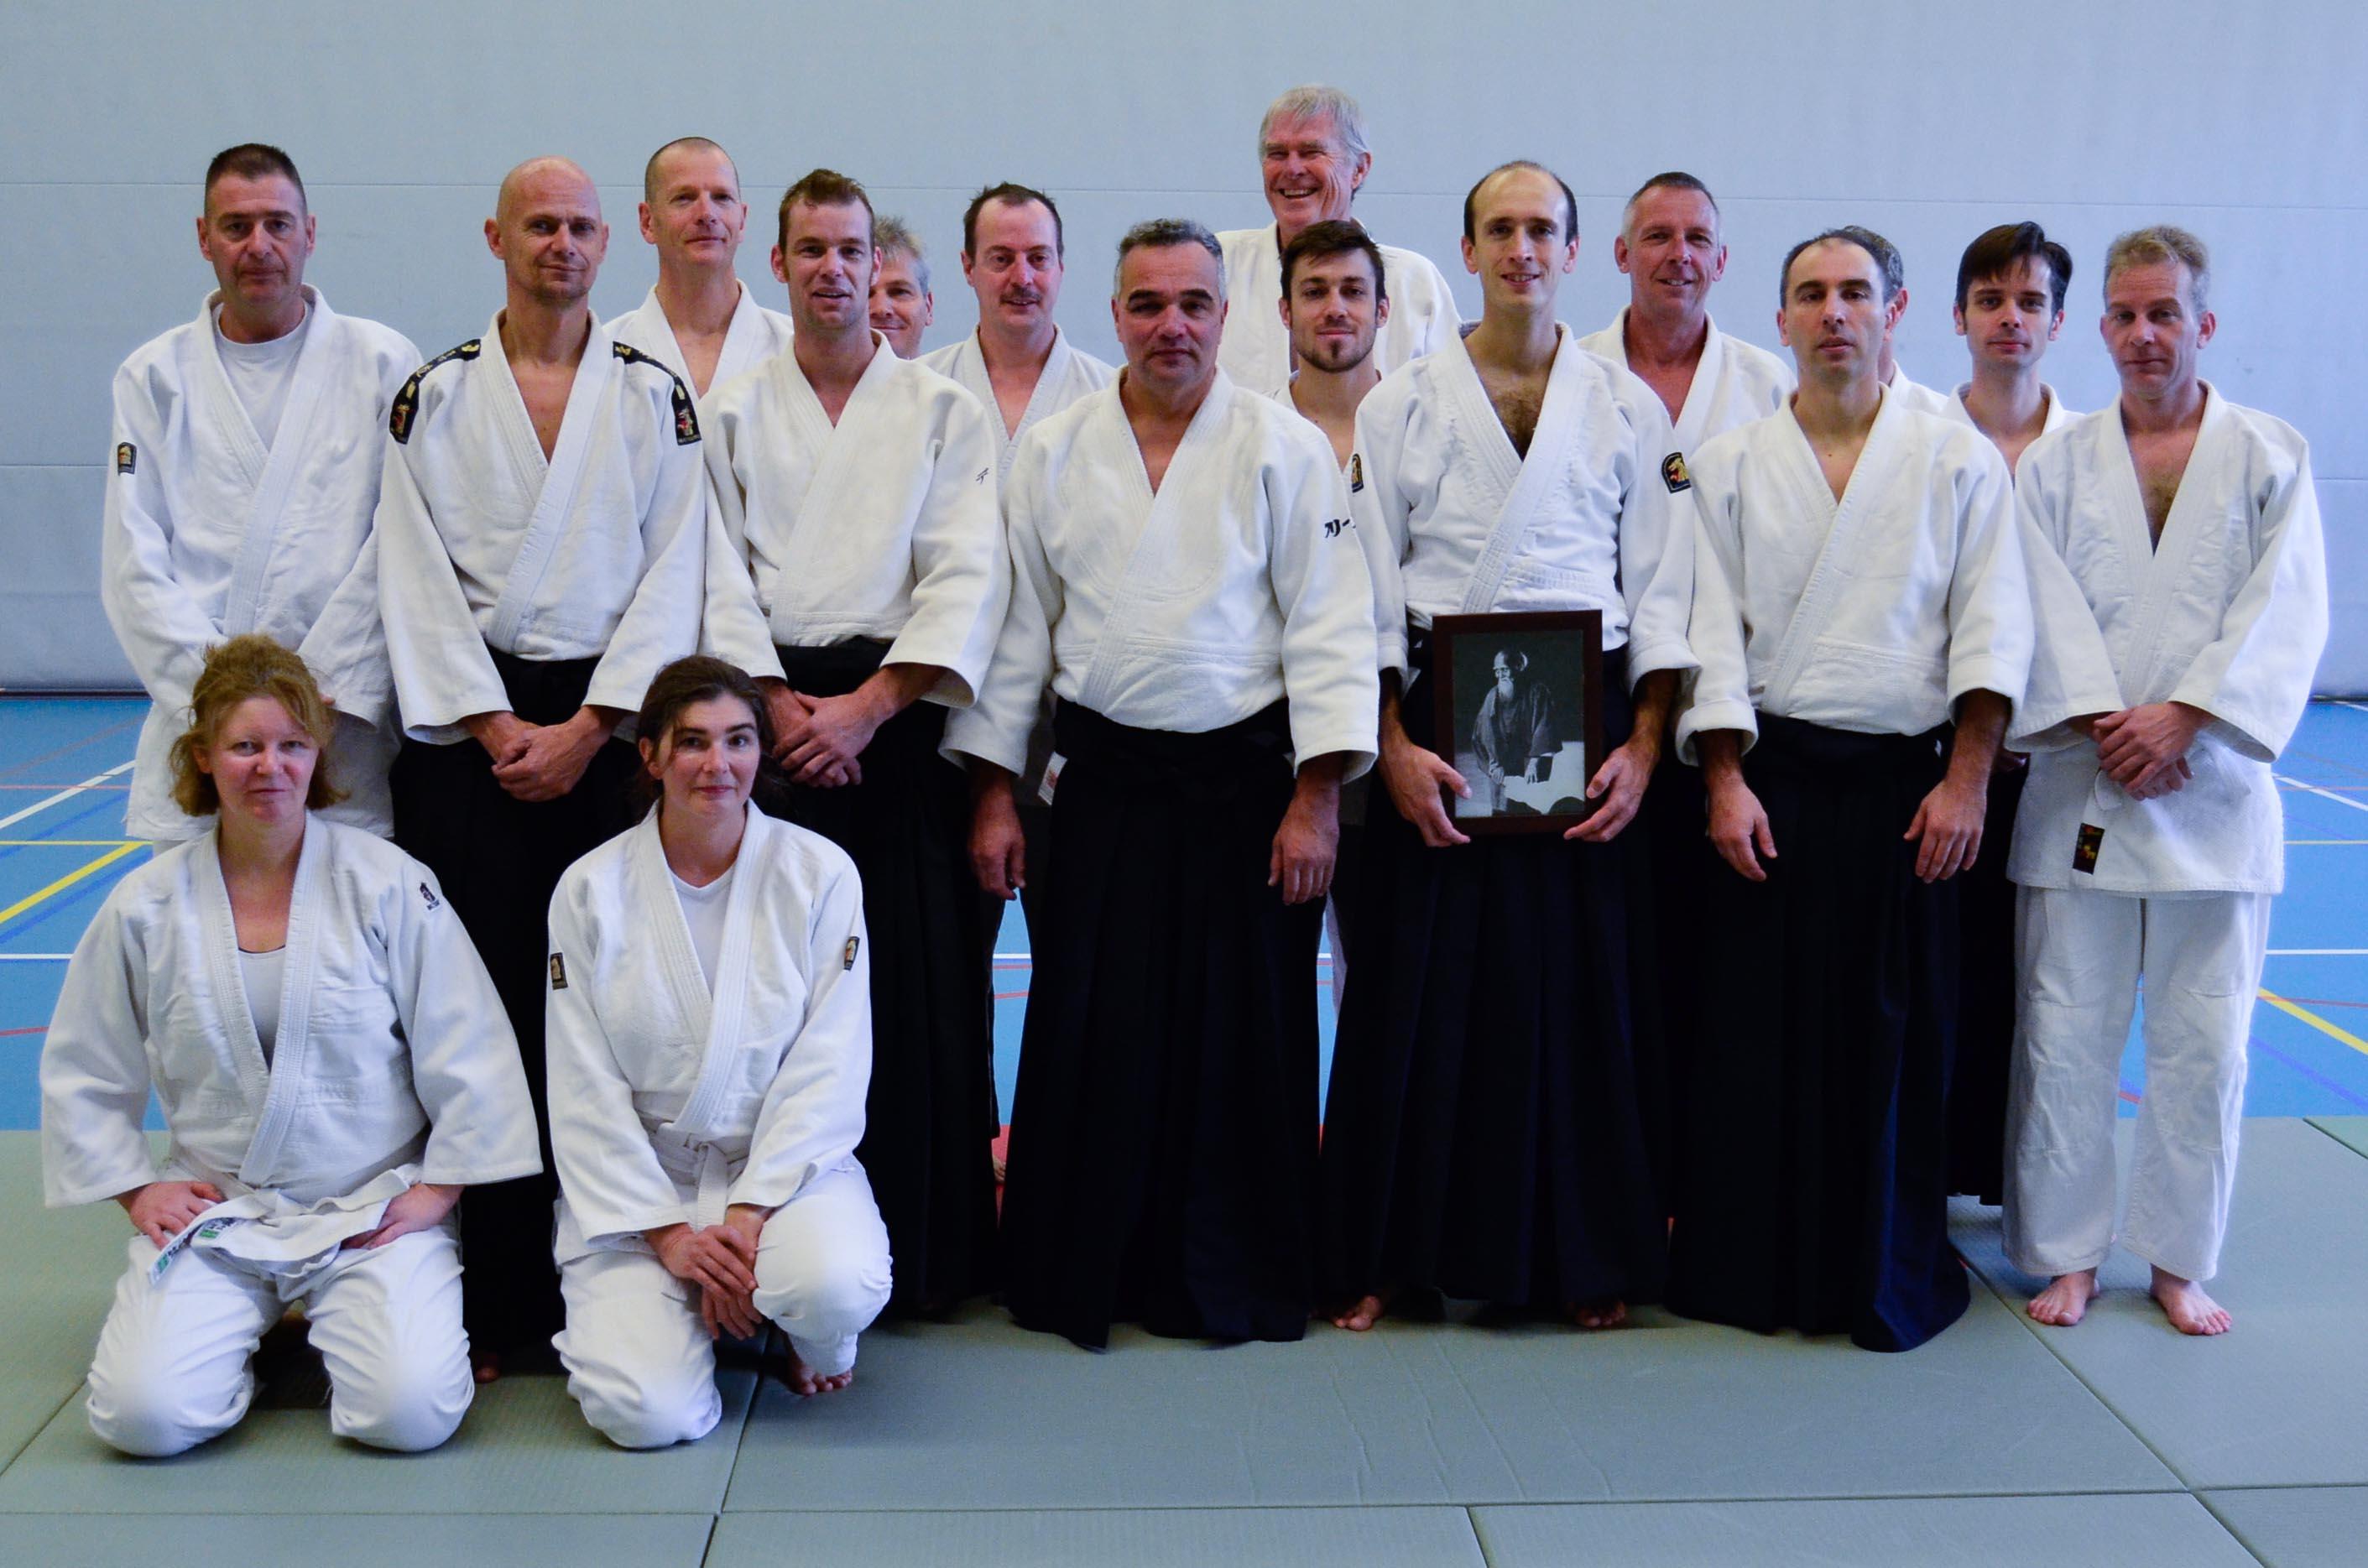 Groepsfoto Aikido Centrum Rotterdam: Open Dag 2013 met stage Wilko Vriesman dd 23-11-2013